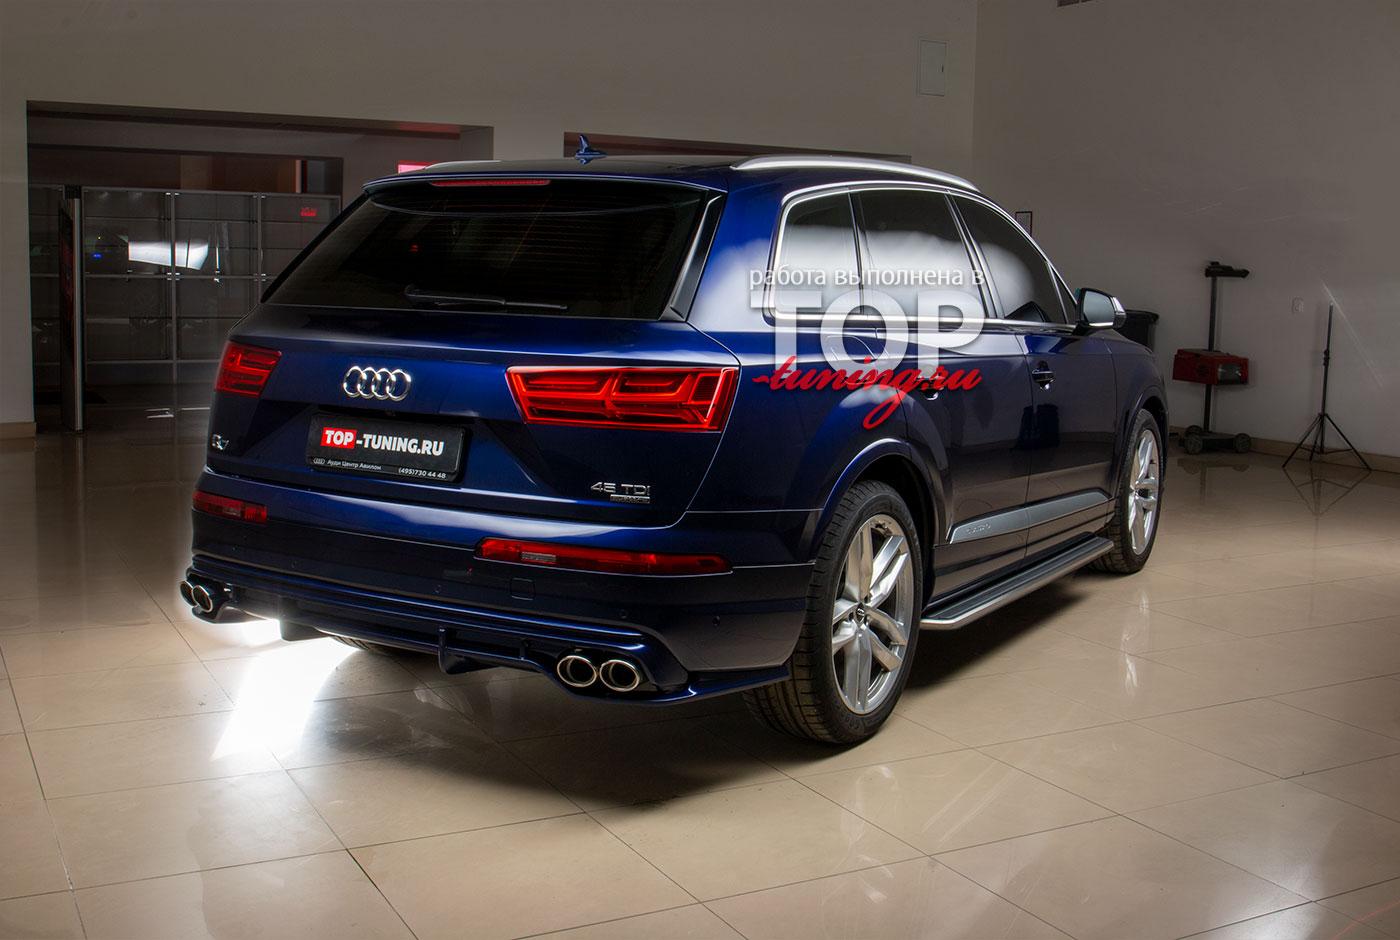 103024 Детейлинг и обвес для Audi Q7 4M